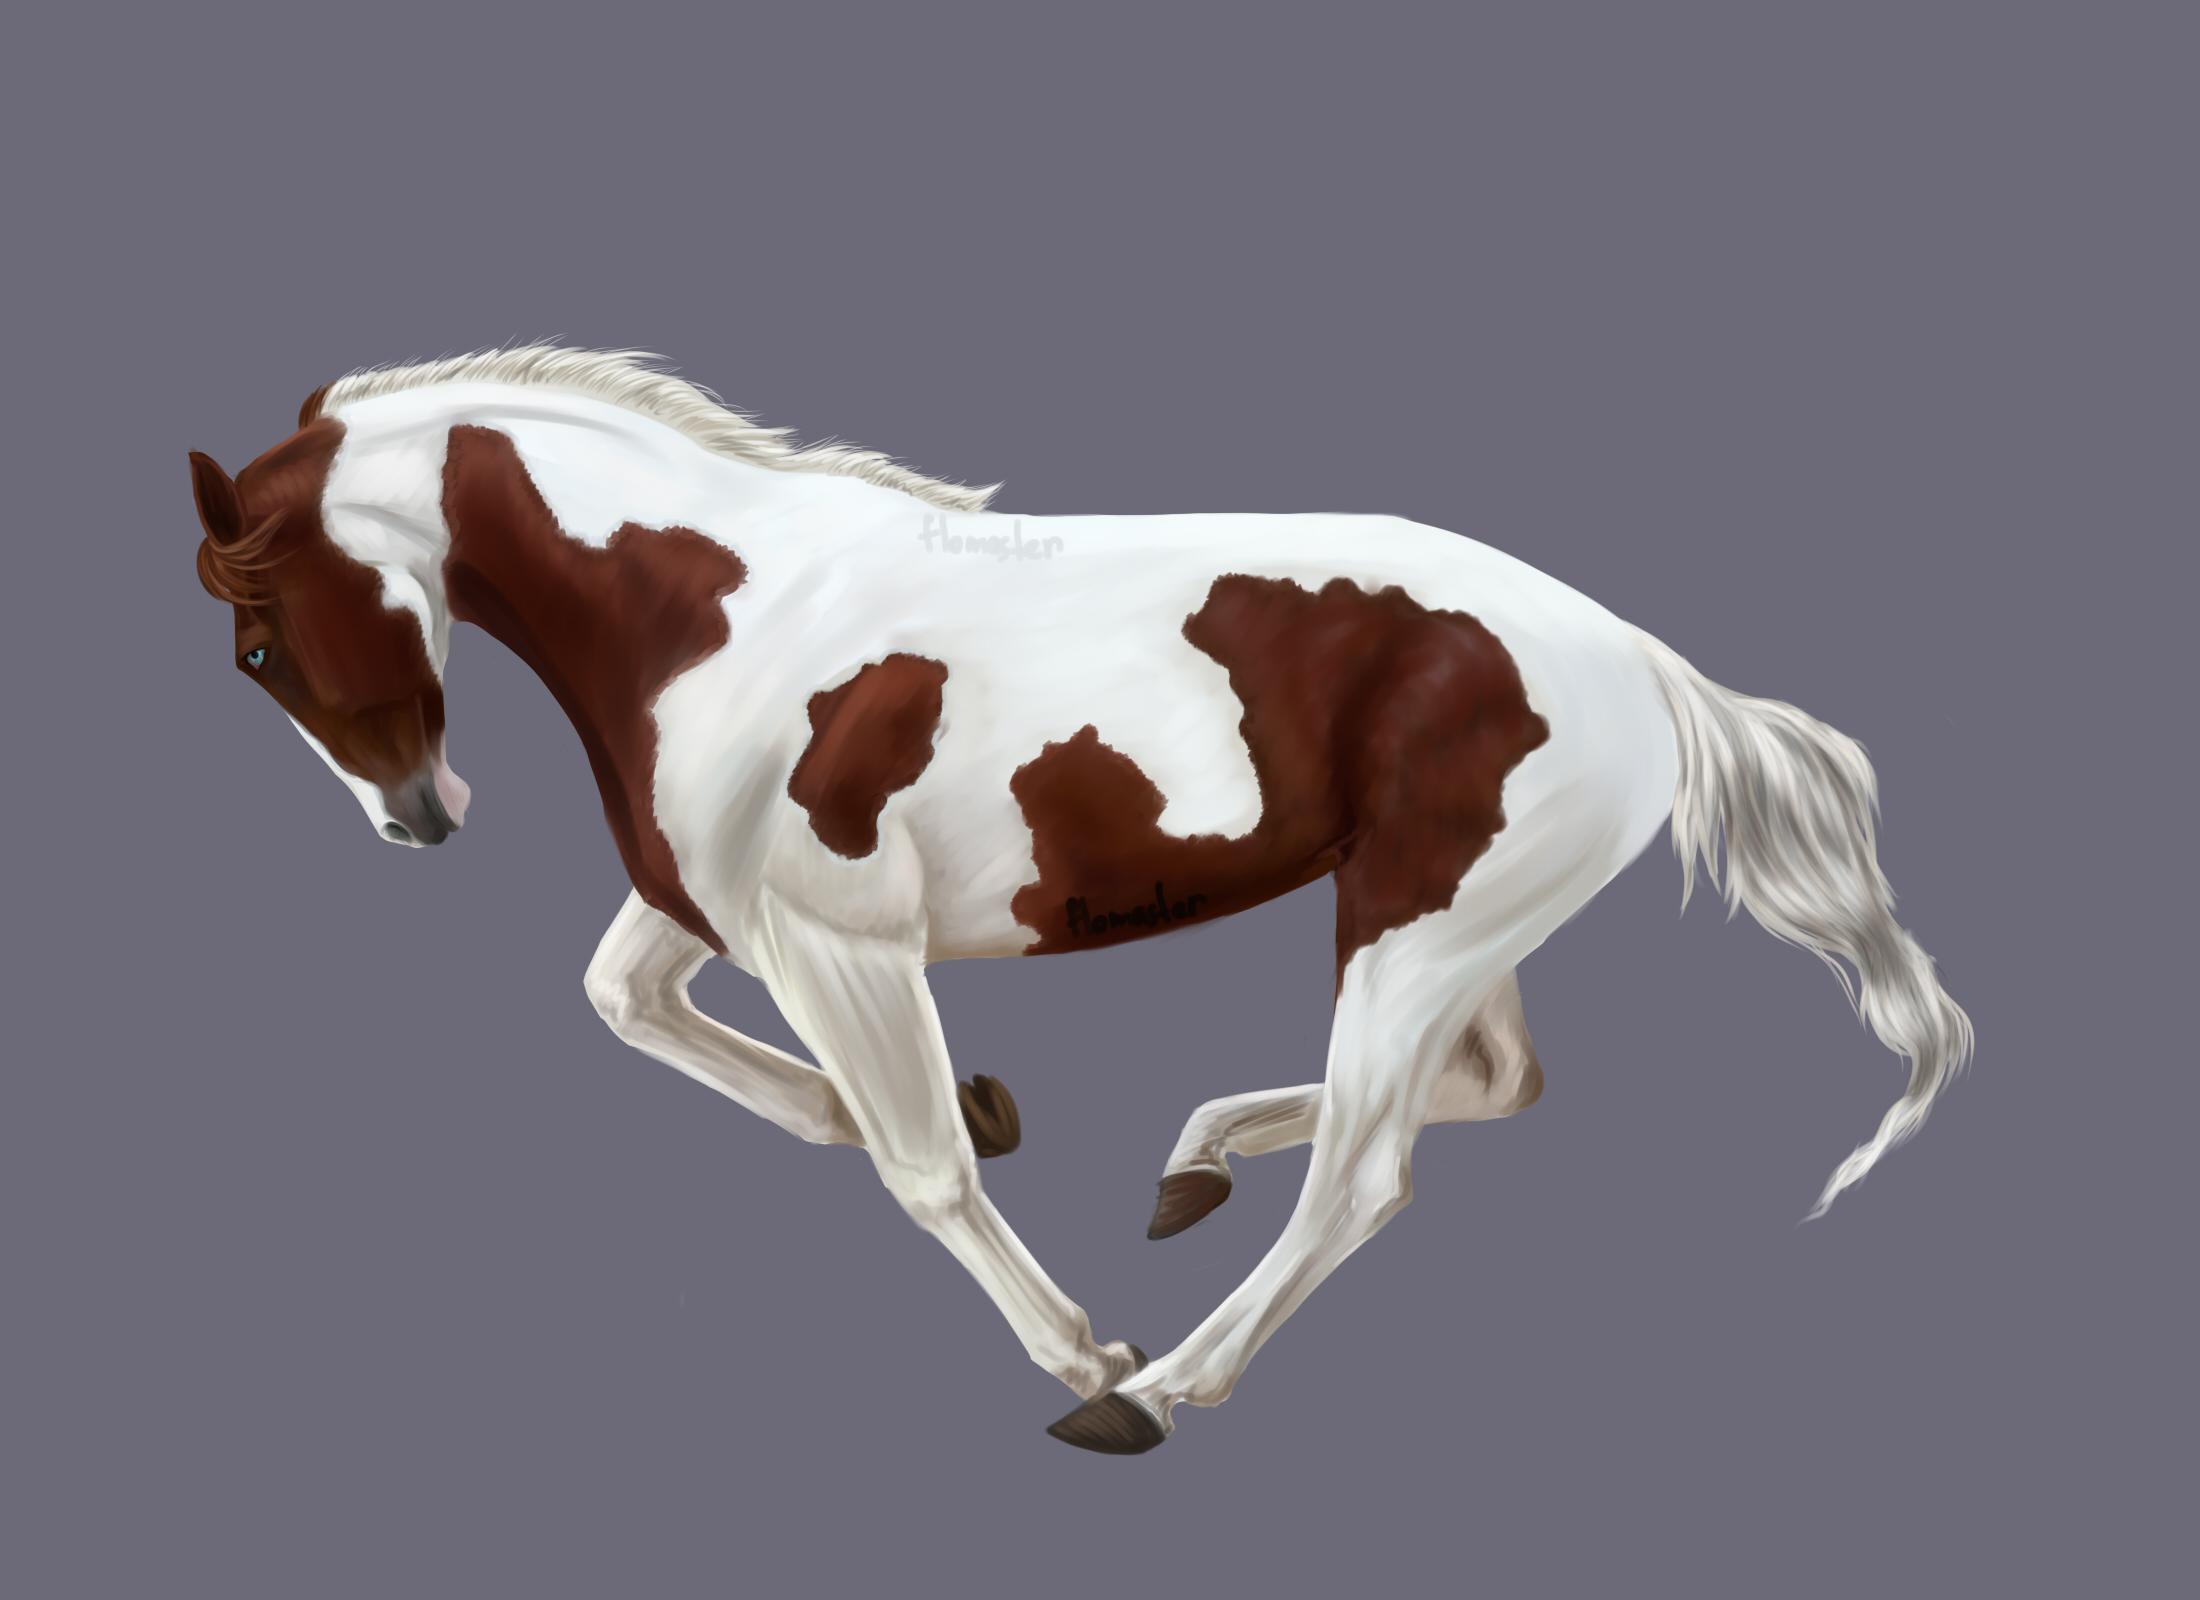 Лошади нарисованные в саи